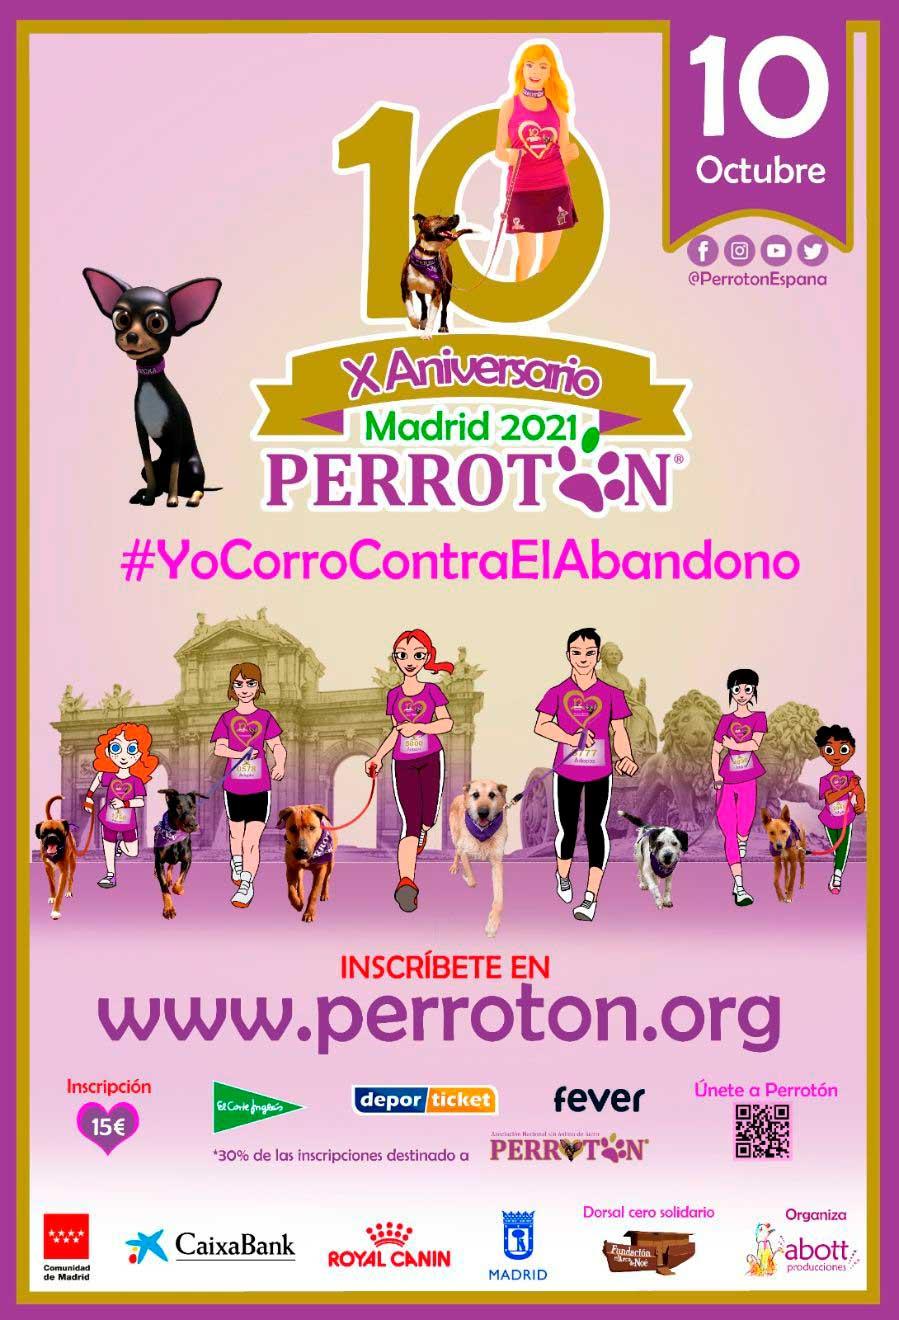 Los internacionales Victorio & Lucchino diseñan la camiseta oficial de Perrotón Madrid 2021, en su 10º Aniversario, apoyando la adopción y tenencia responsable y la lucha contra el abandono y el maltrato animal